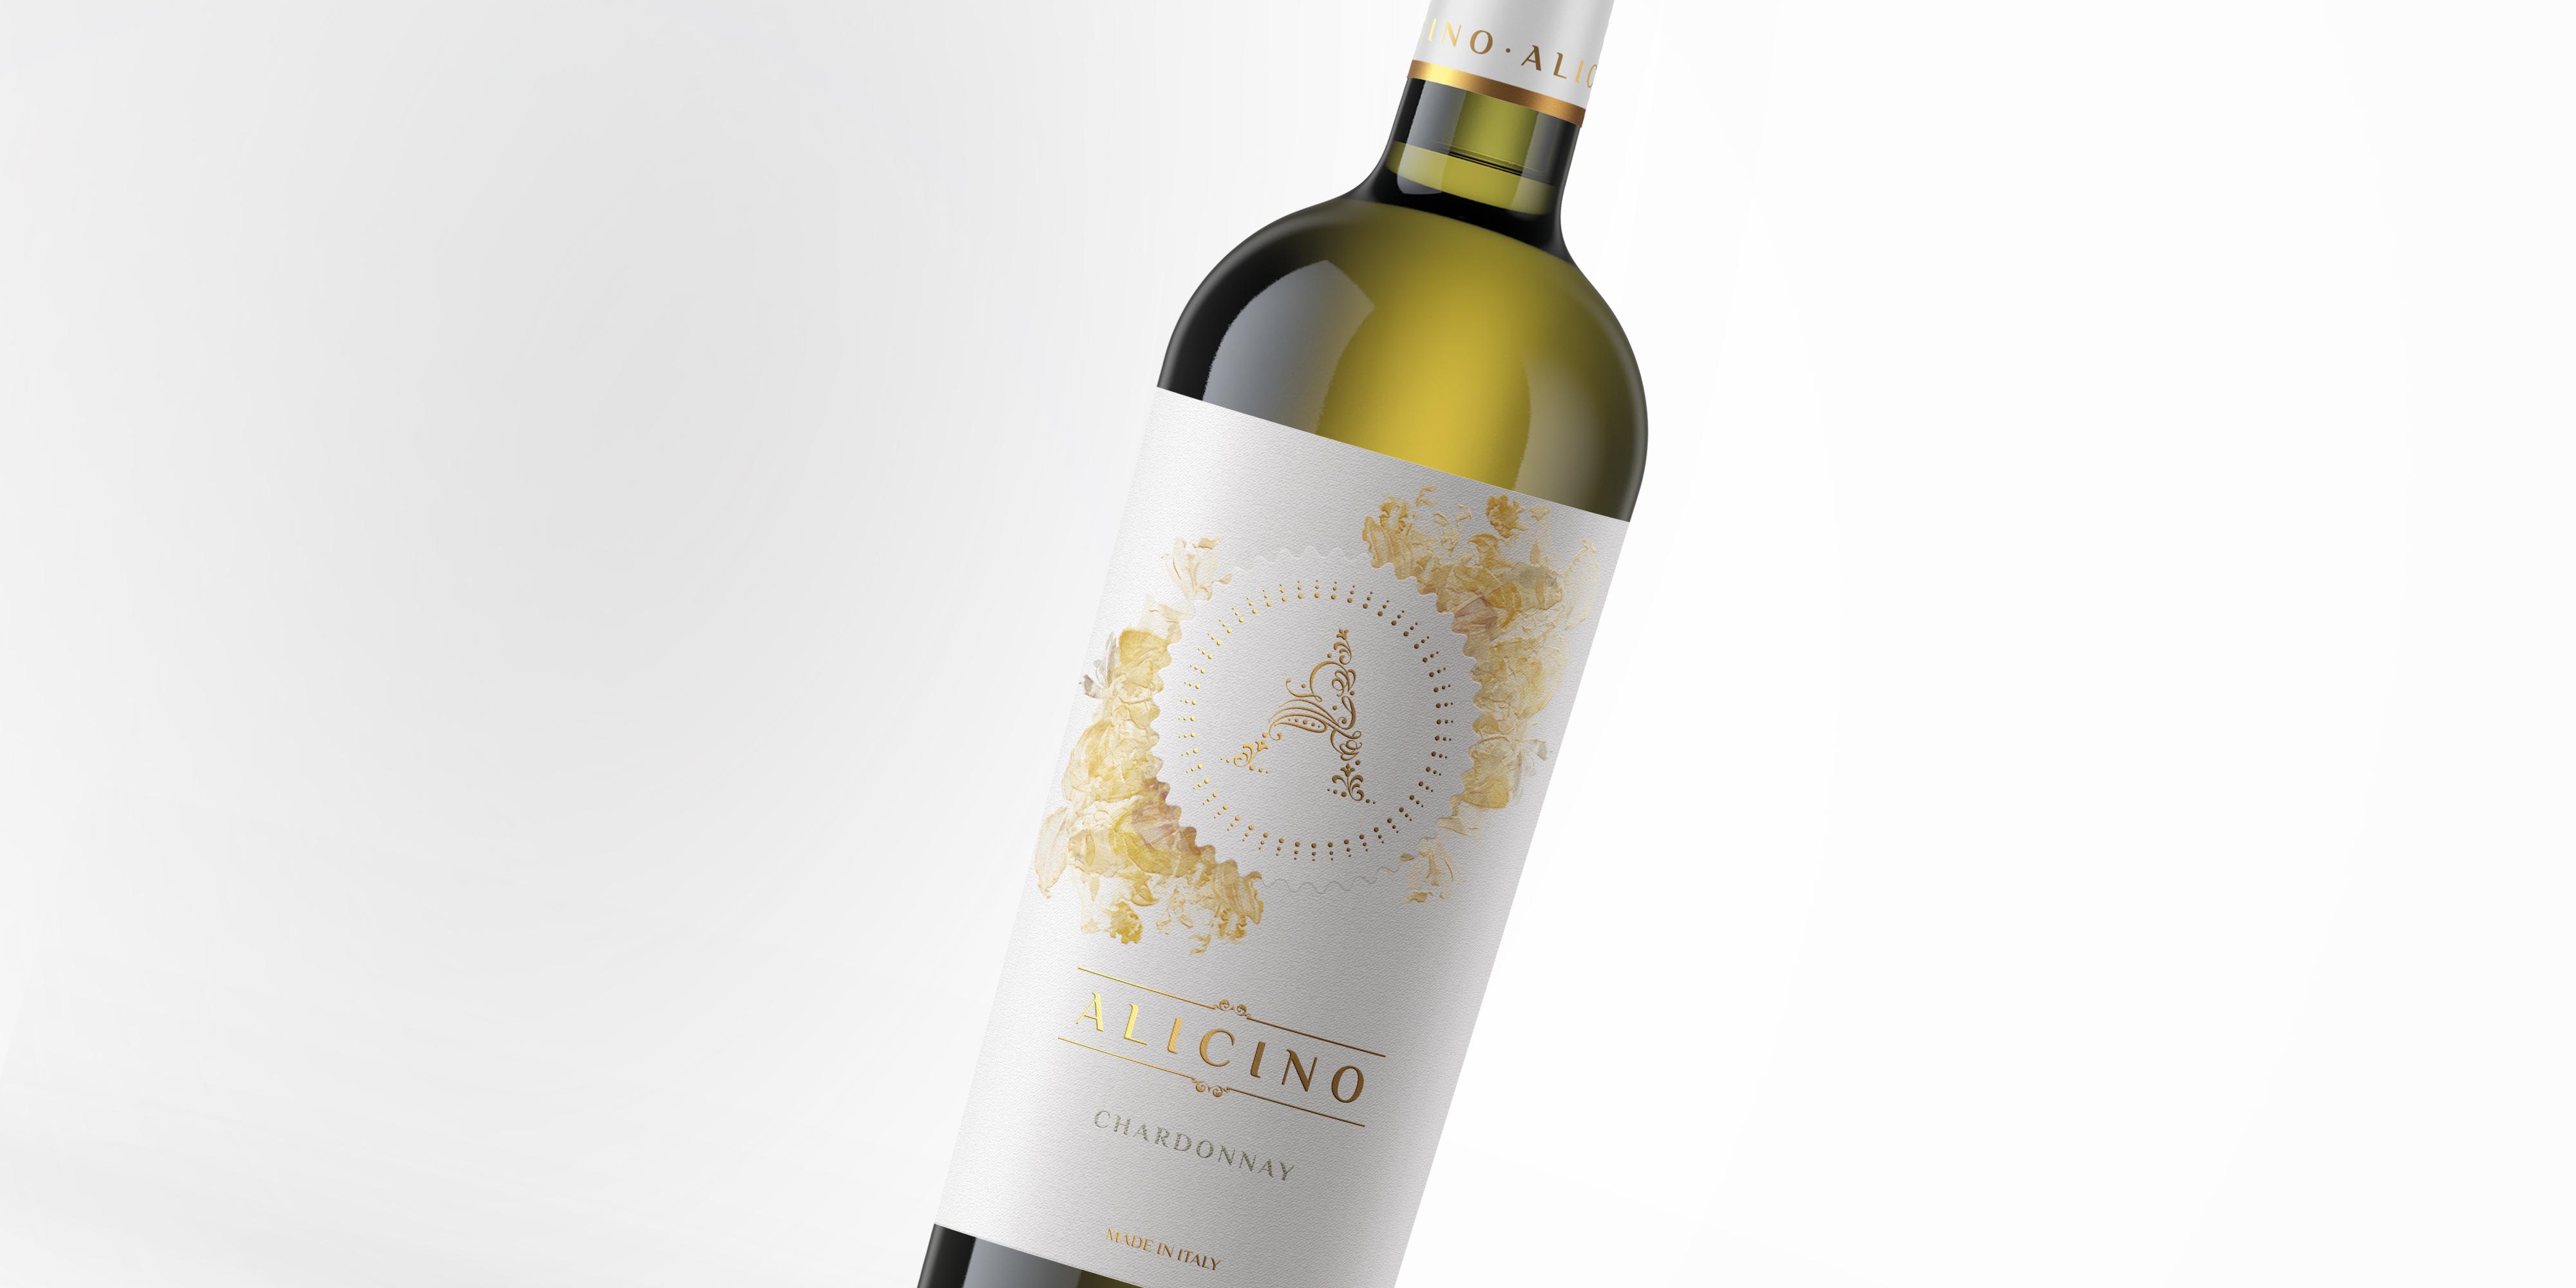 disegno etichetta vino alicino chardonnay